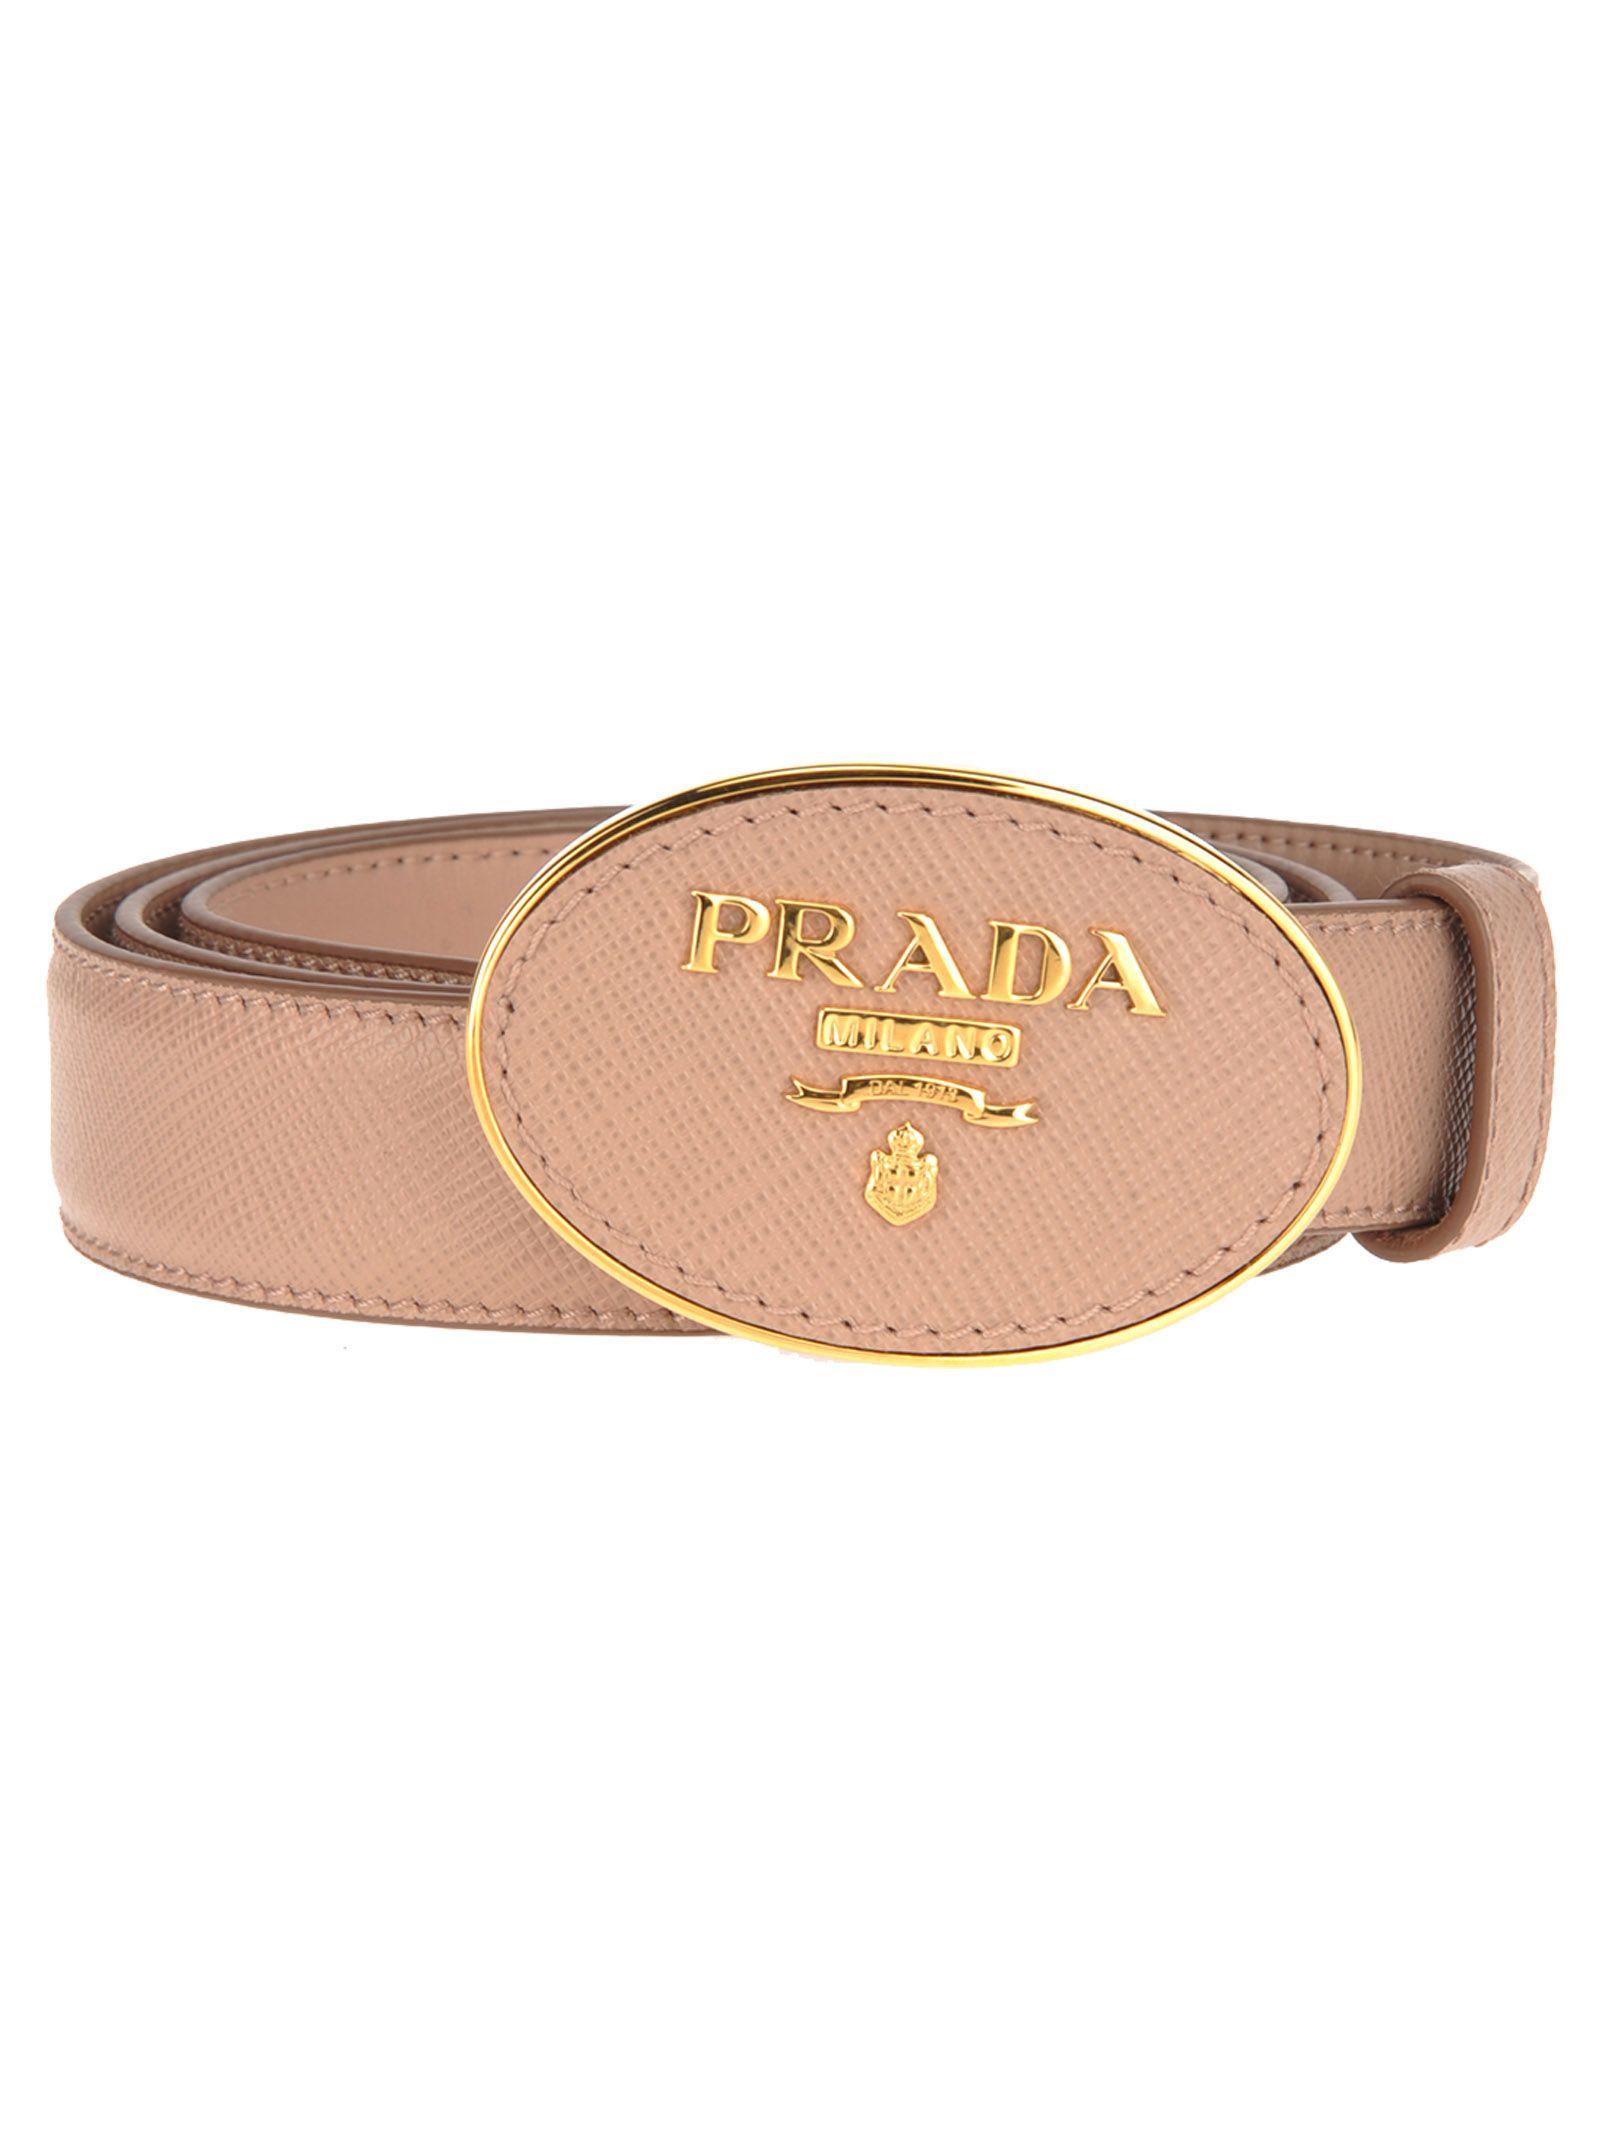 fe91da680ce4 Prada Prada Belt Logo Tondo - Basic - 10784183